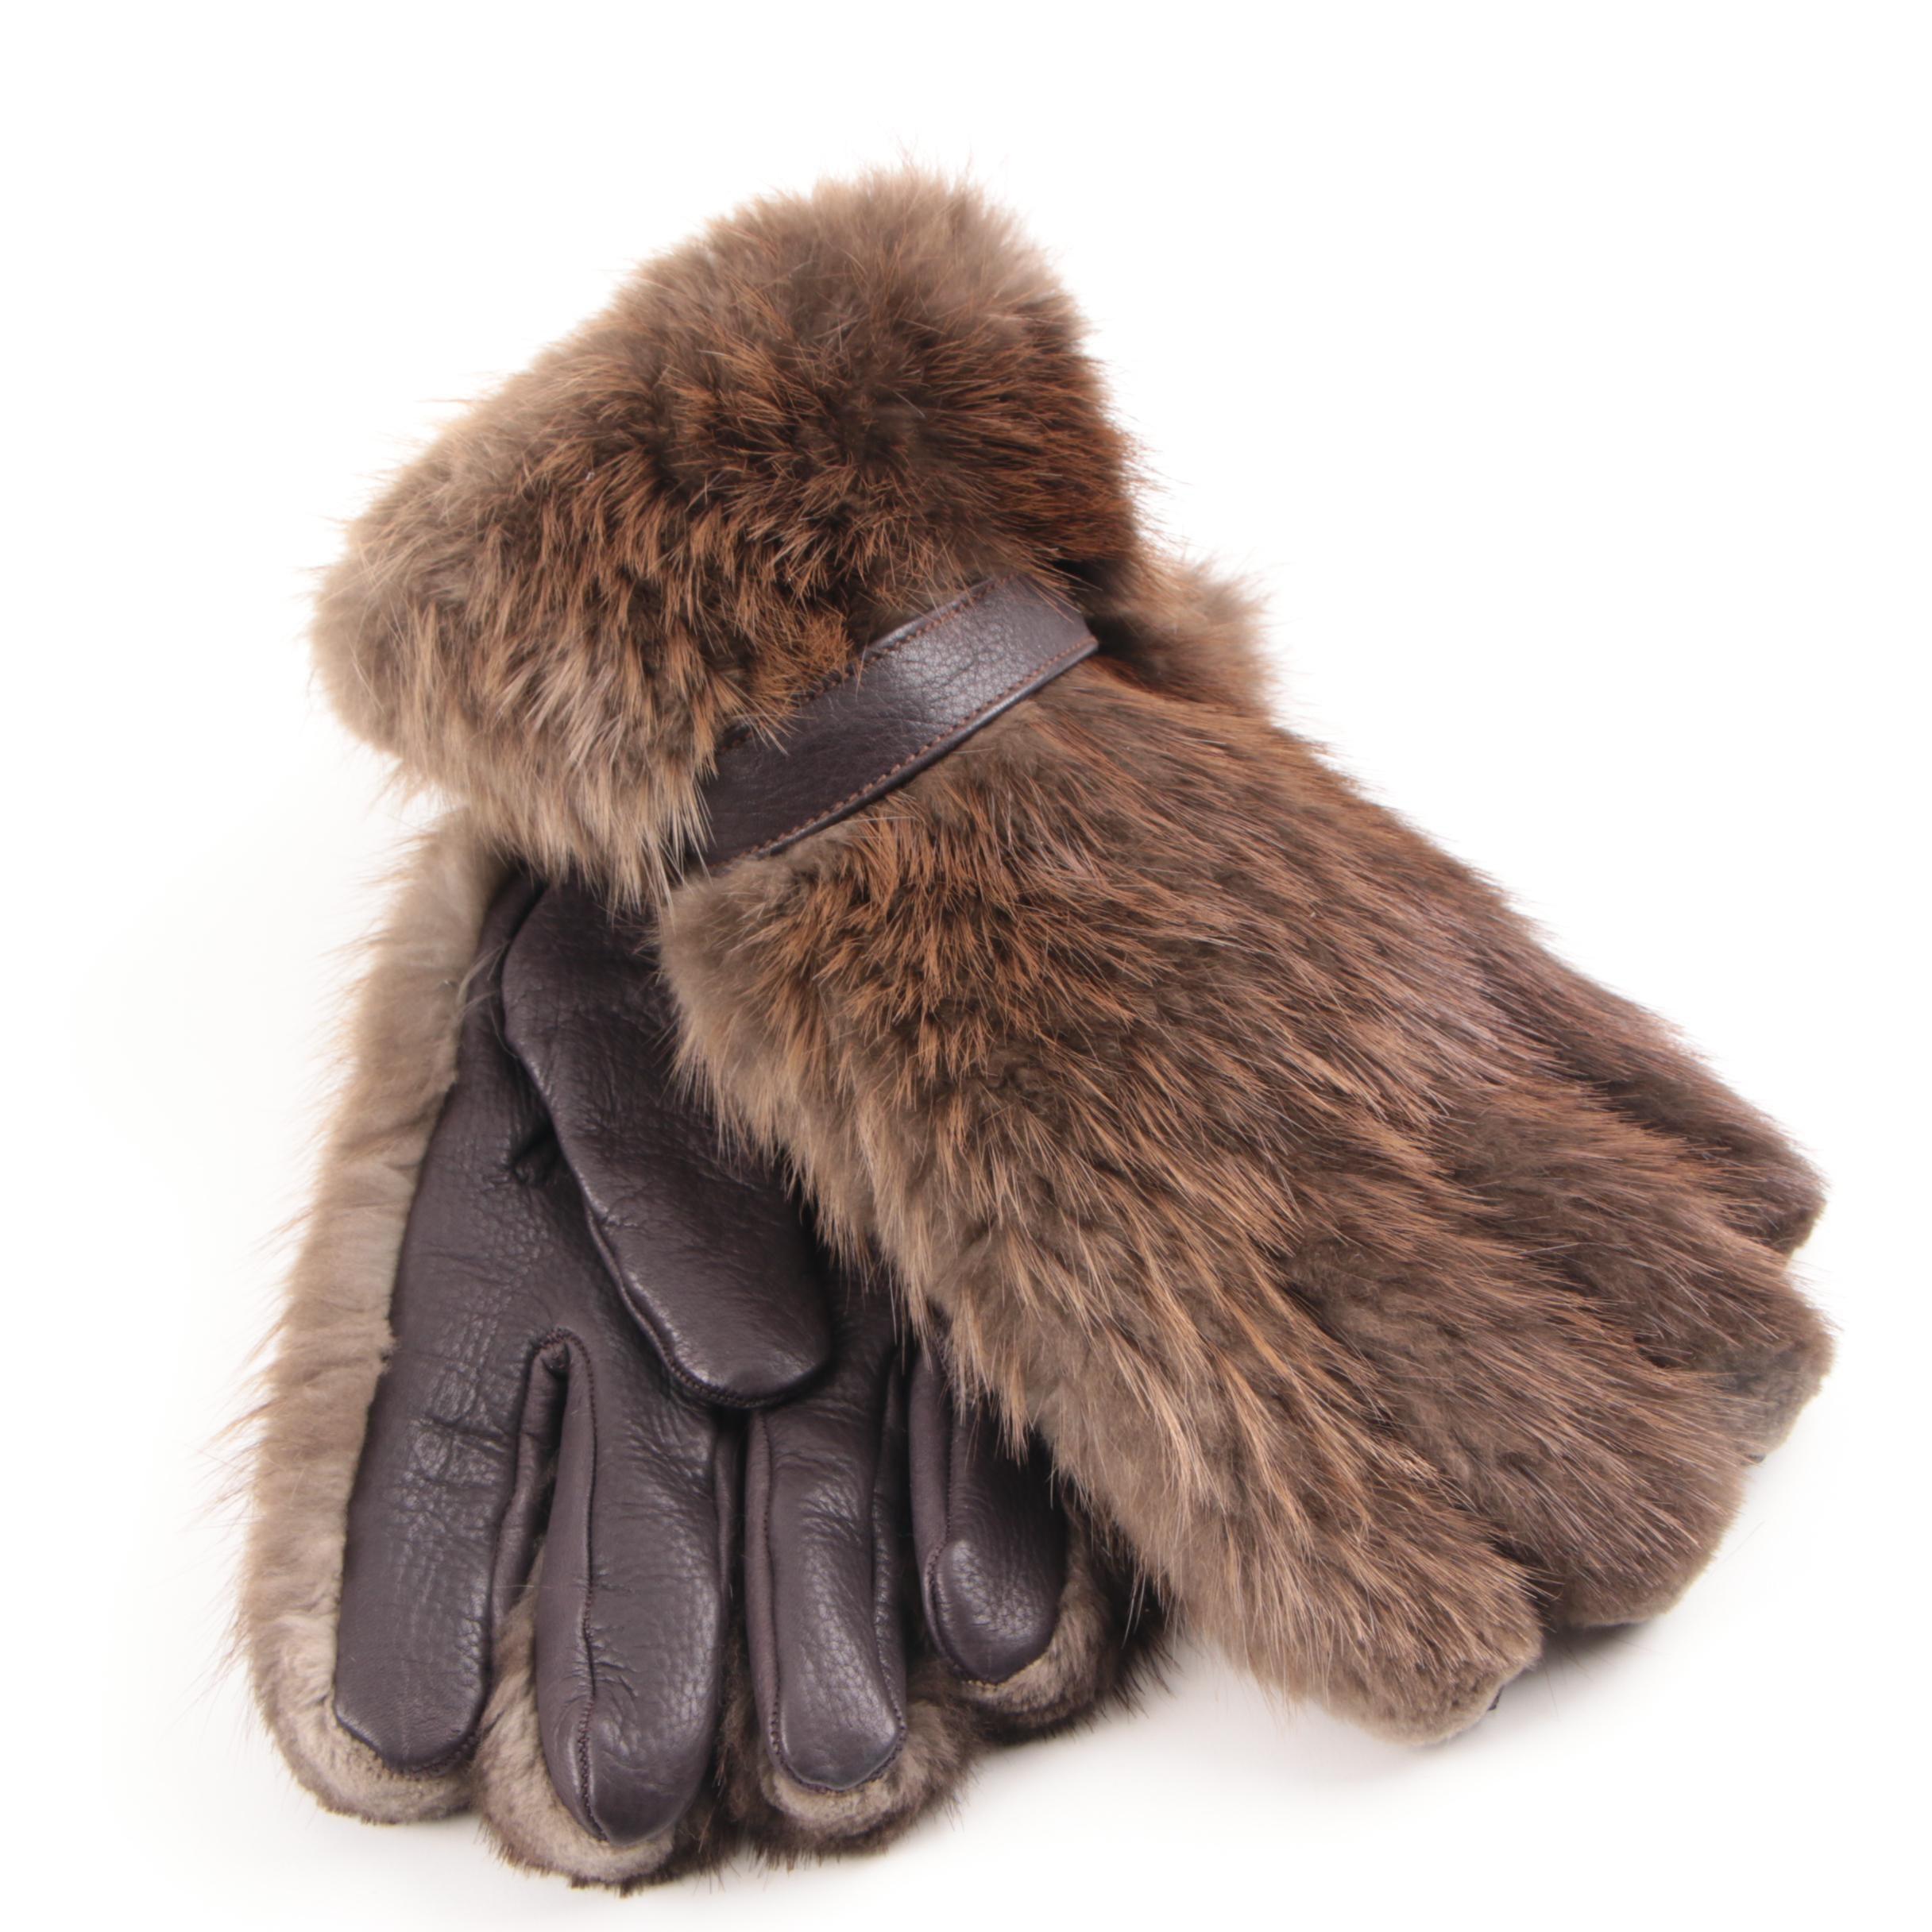 Men's Neiman Marcus Muskrat Fur and Deerskin Gloves